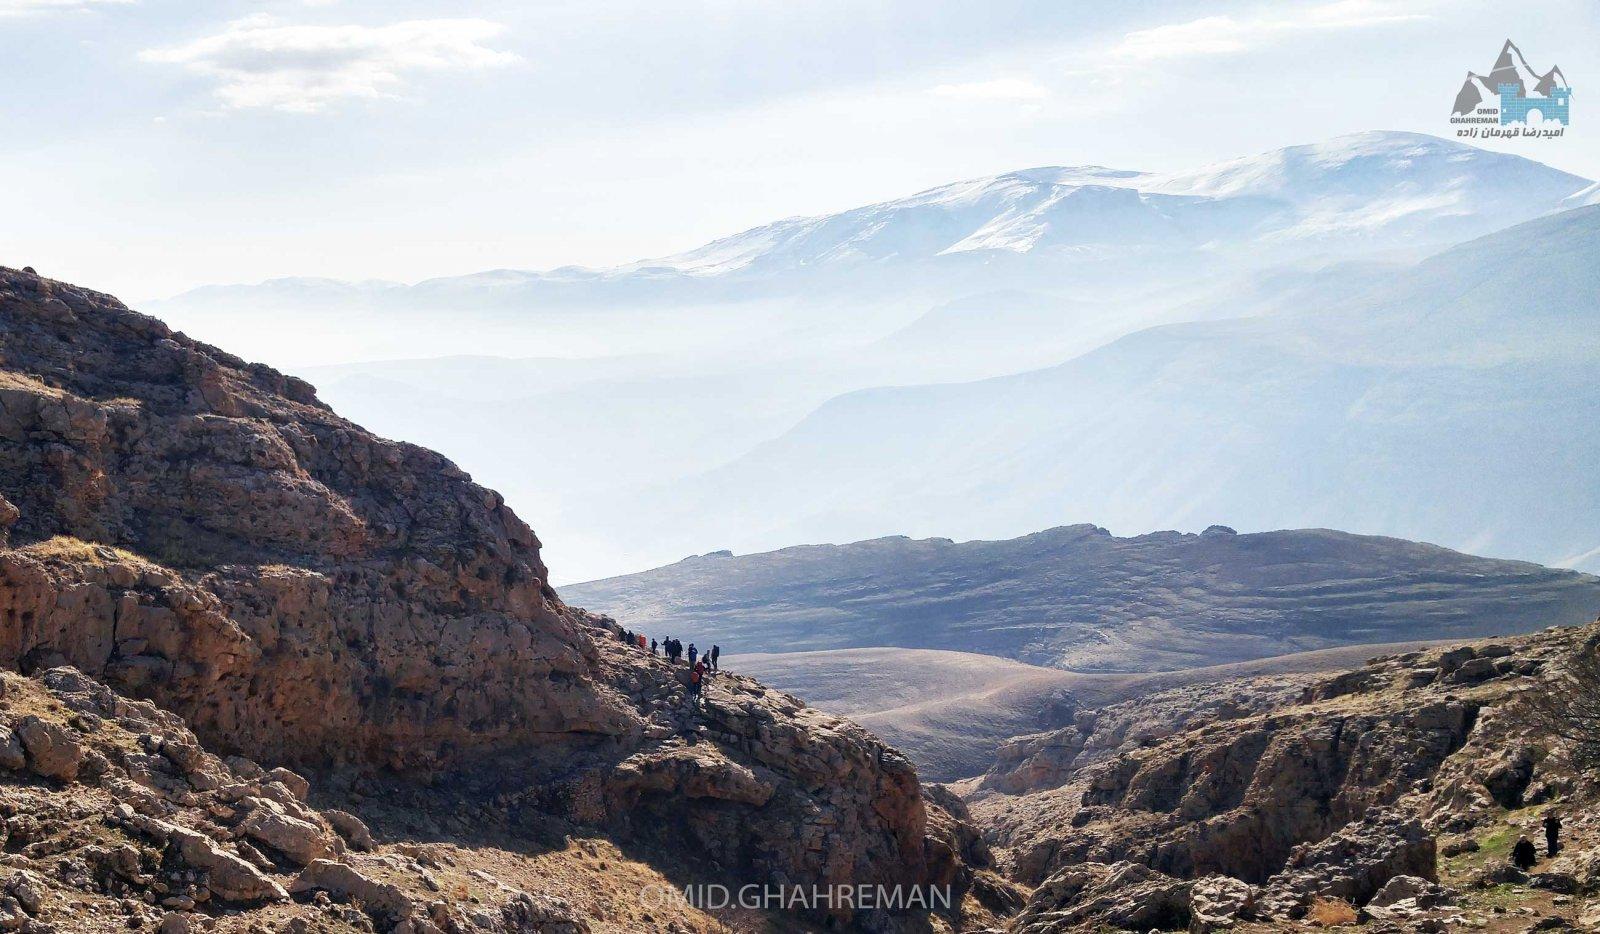 کوهنوردان در دره قوزلو